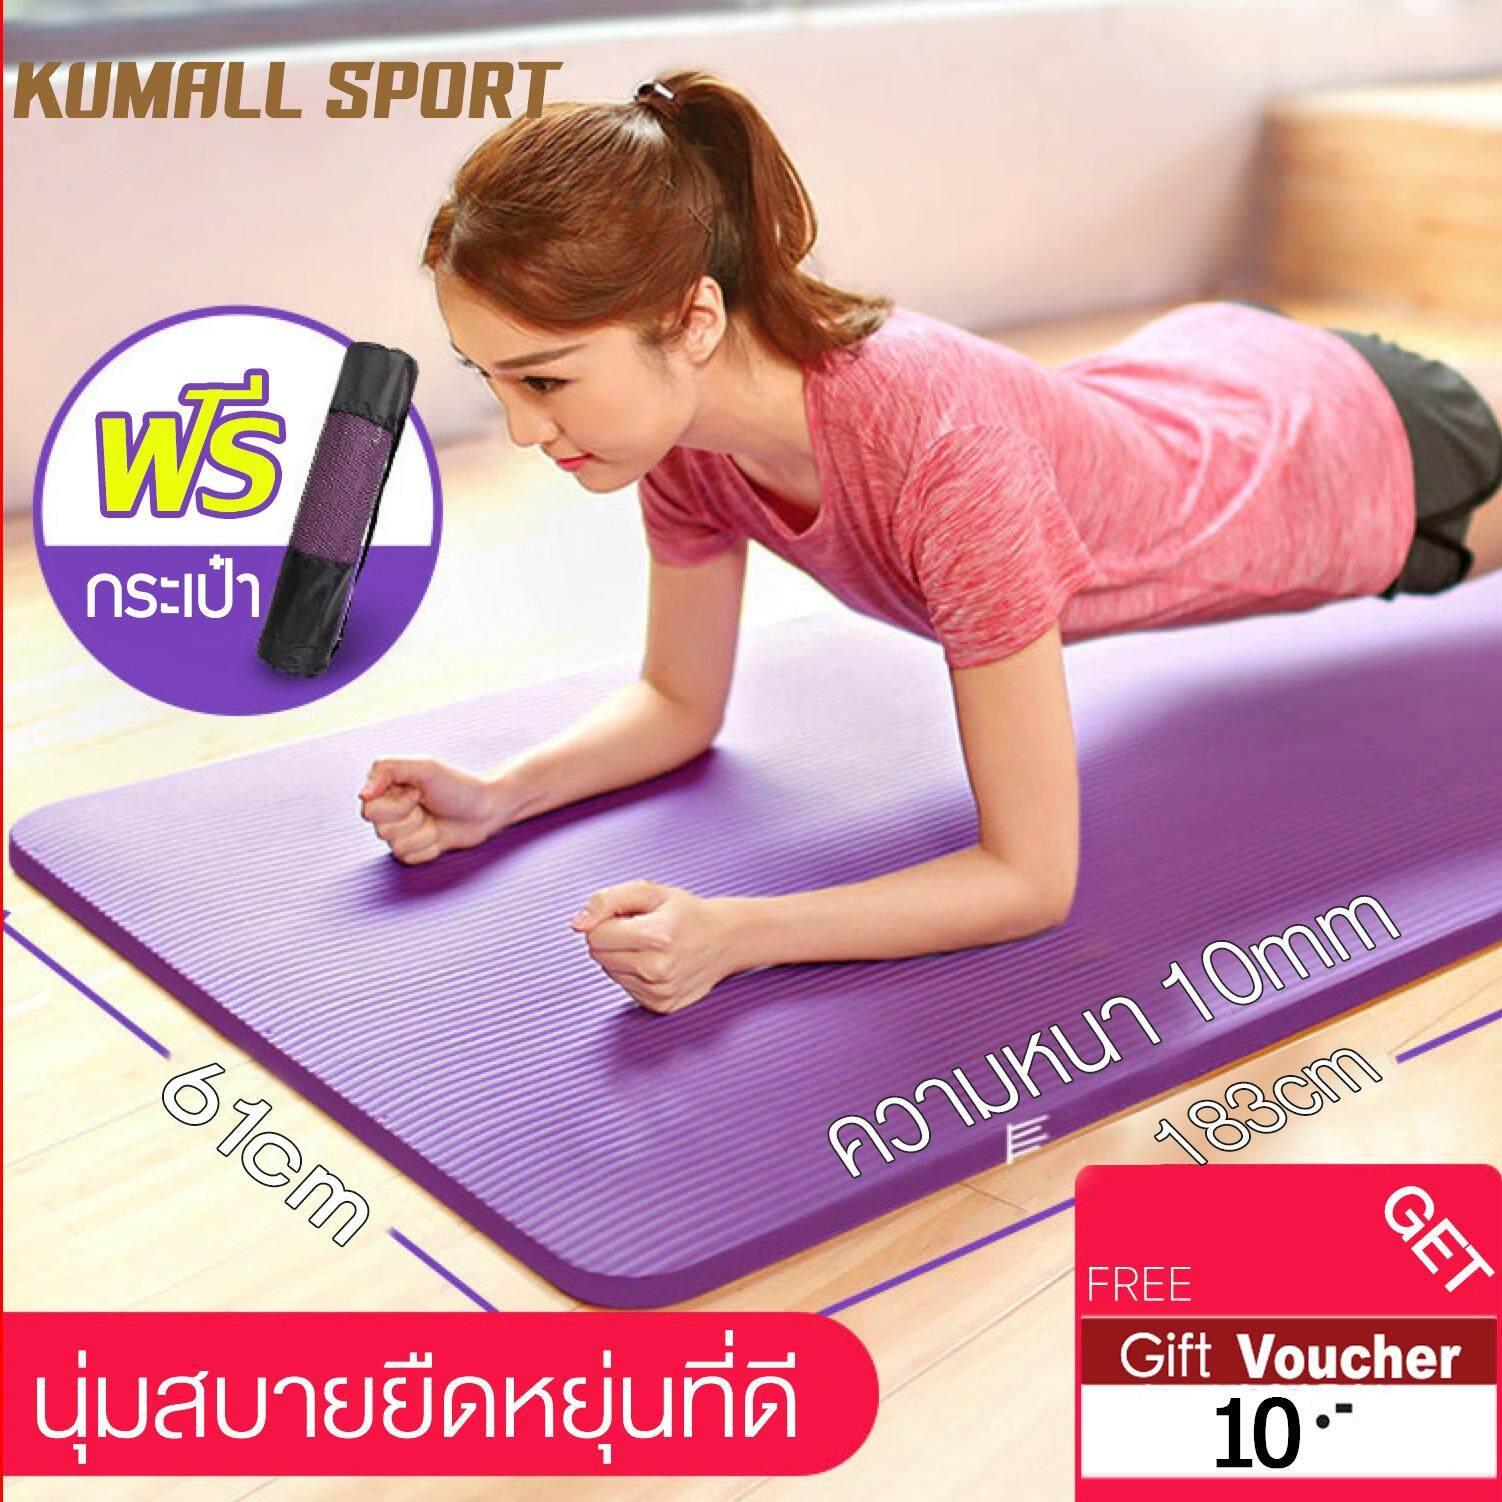 Kumall เสื่อโยคะ หนา 10มิล ขนาด Yoga Mat 183x61 Cm By Kumall.